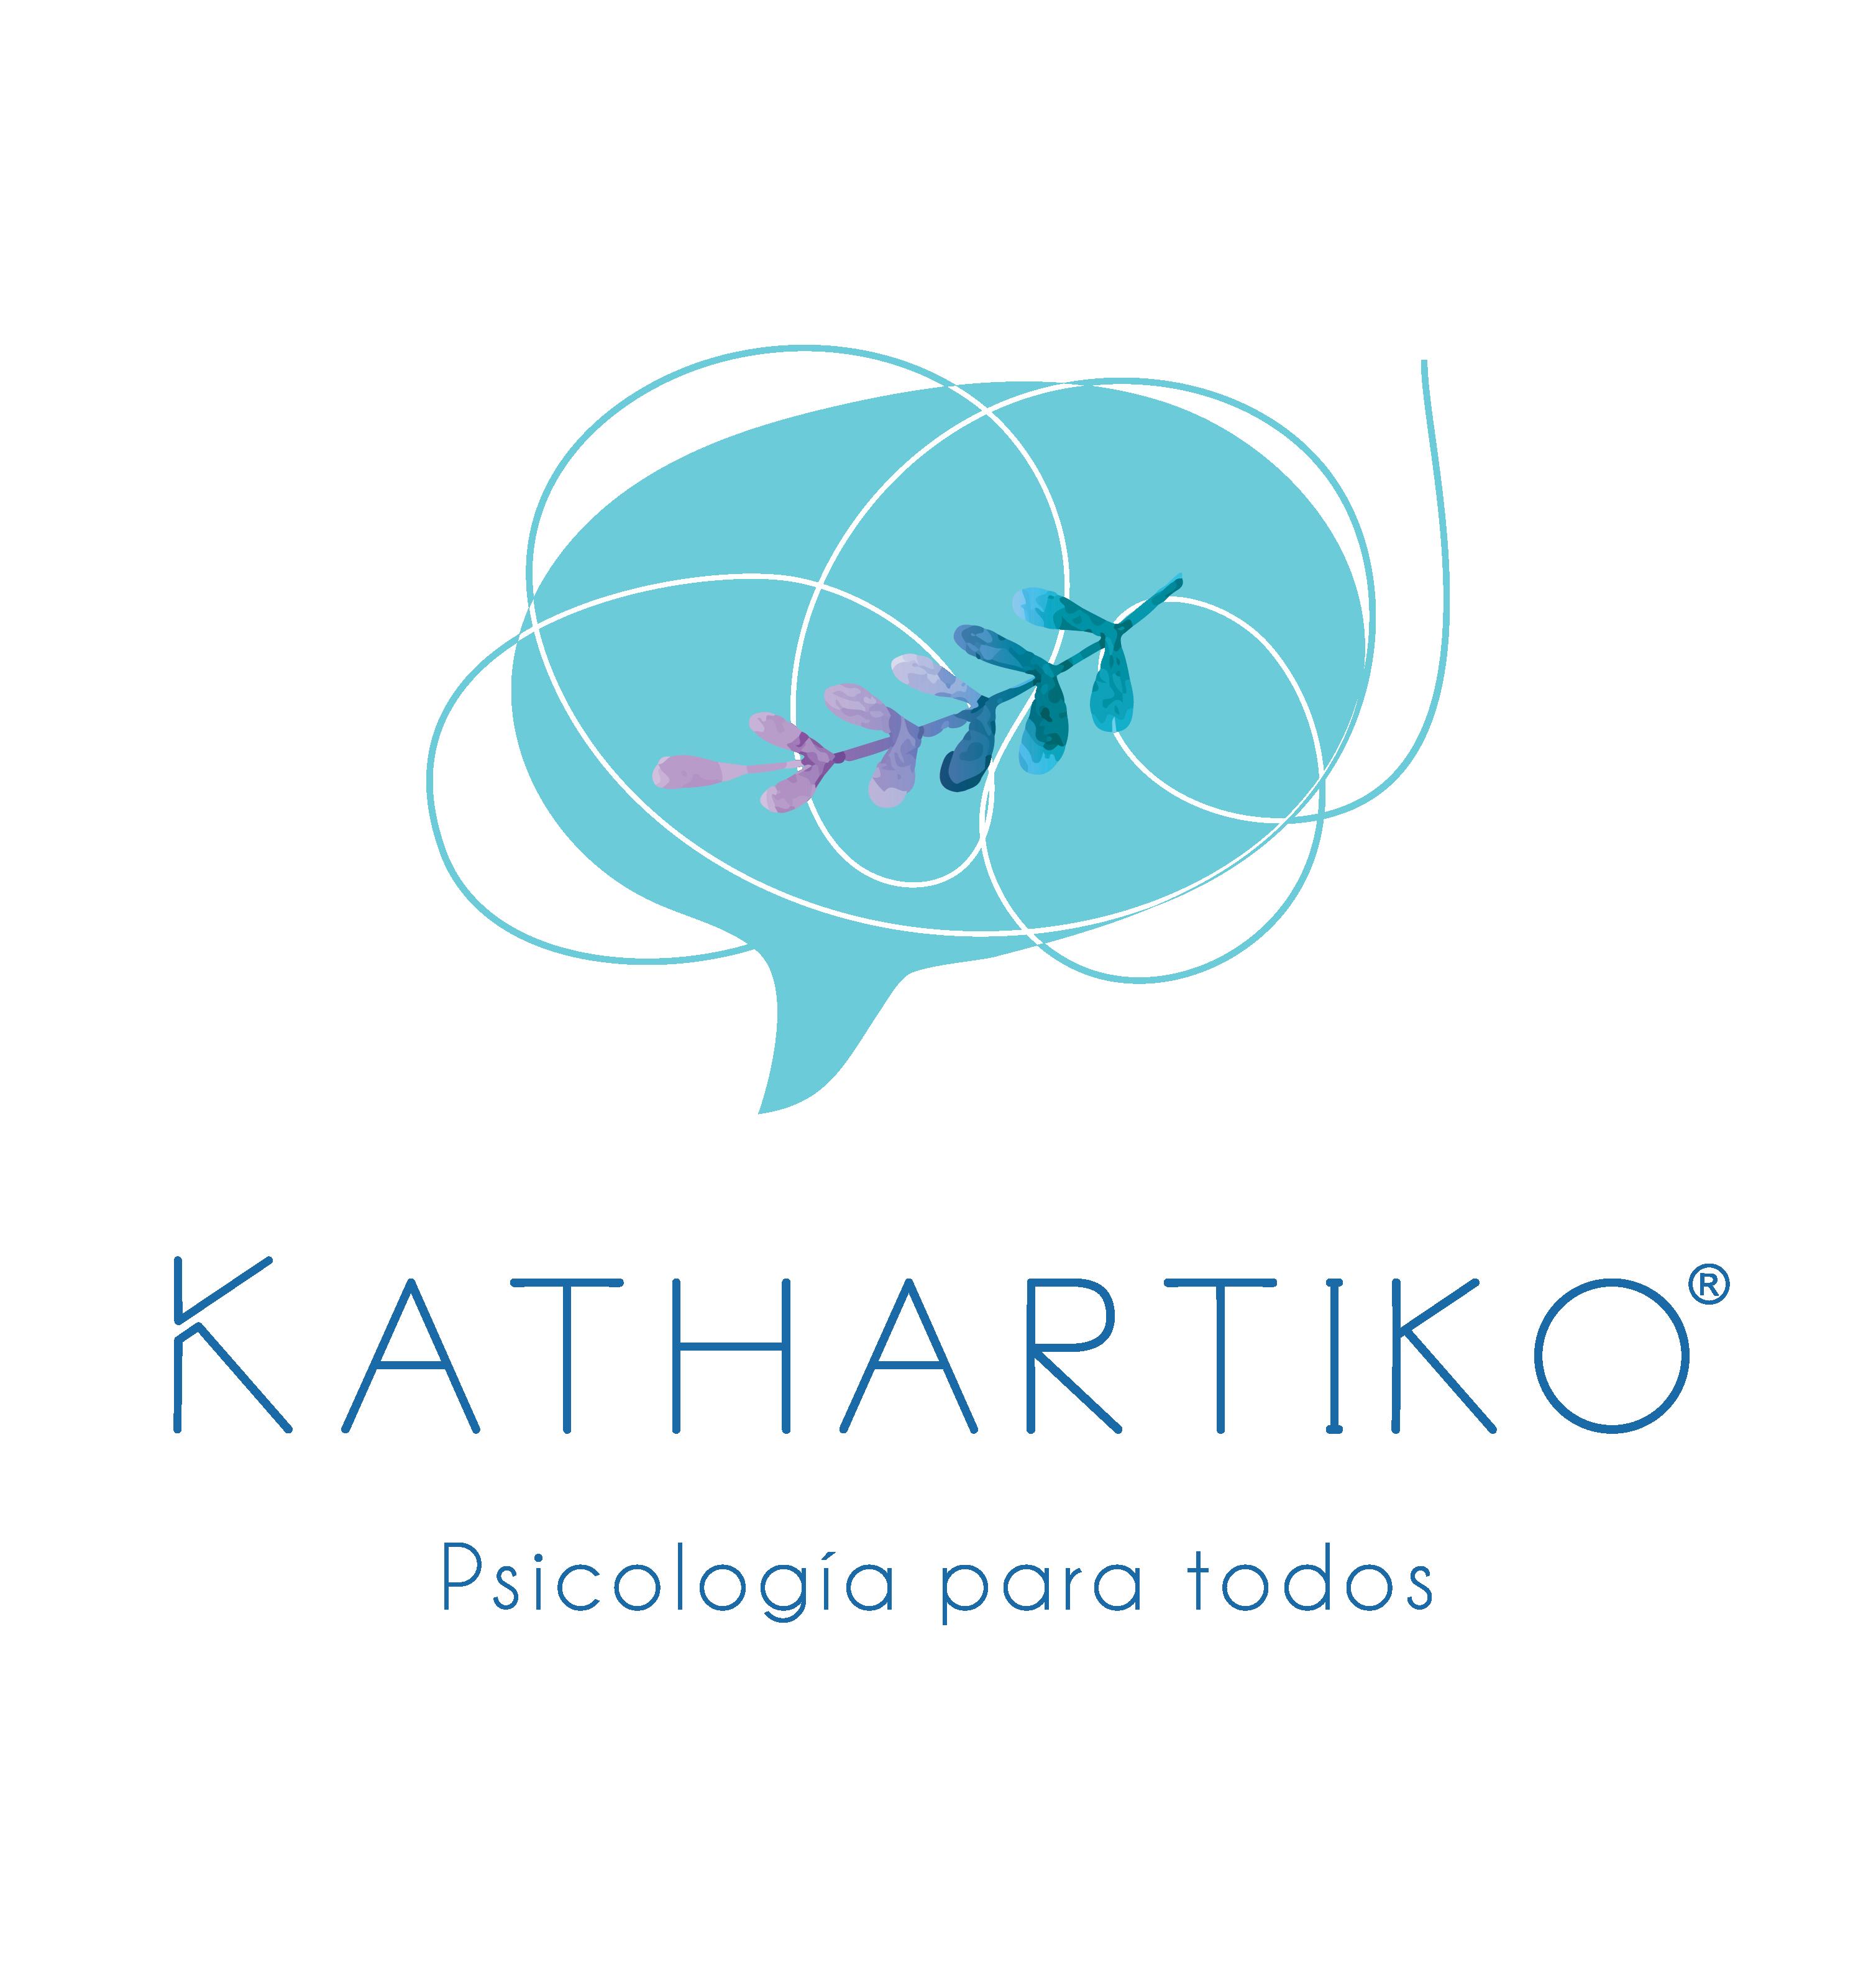 Kathartiko Blog | Psicología para todos